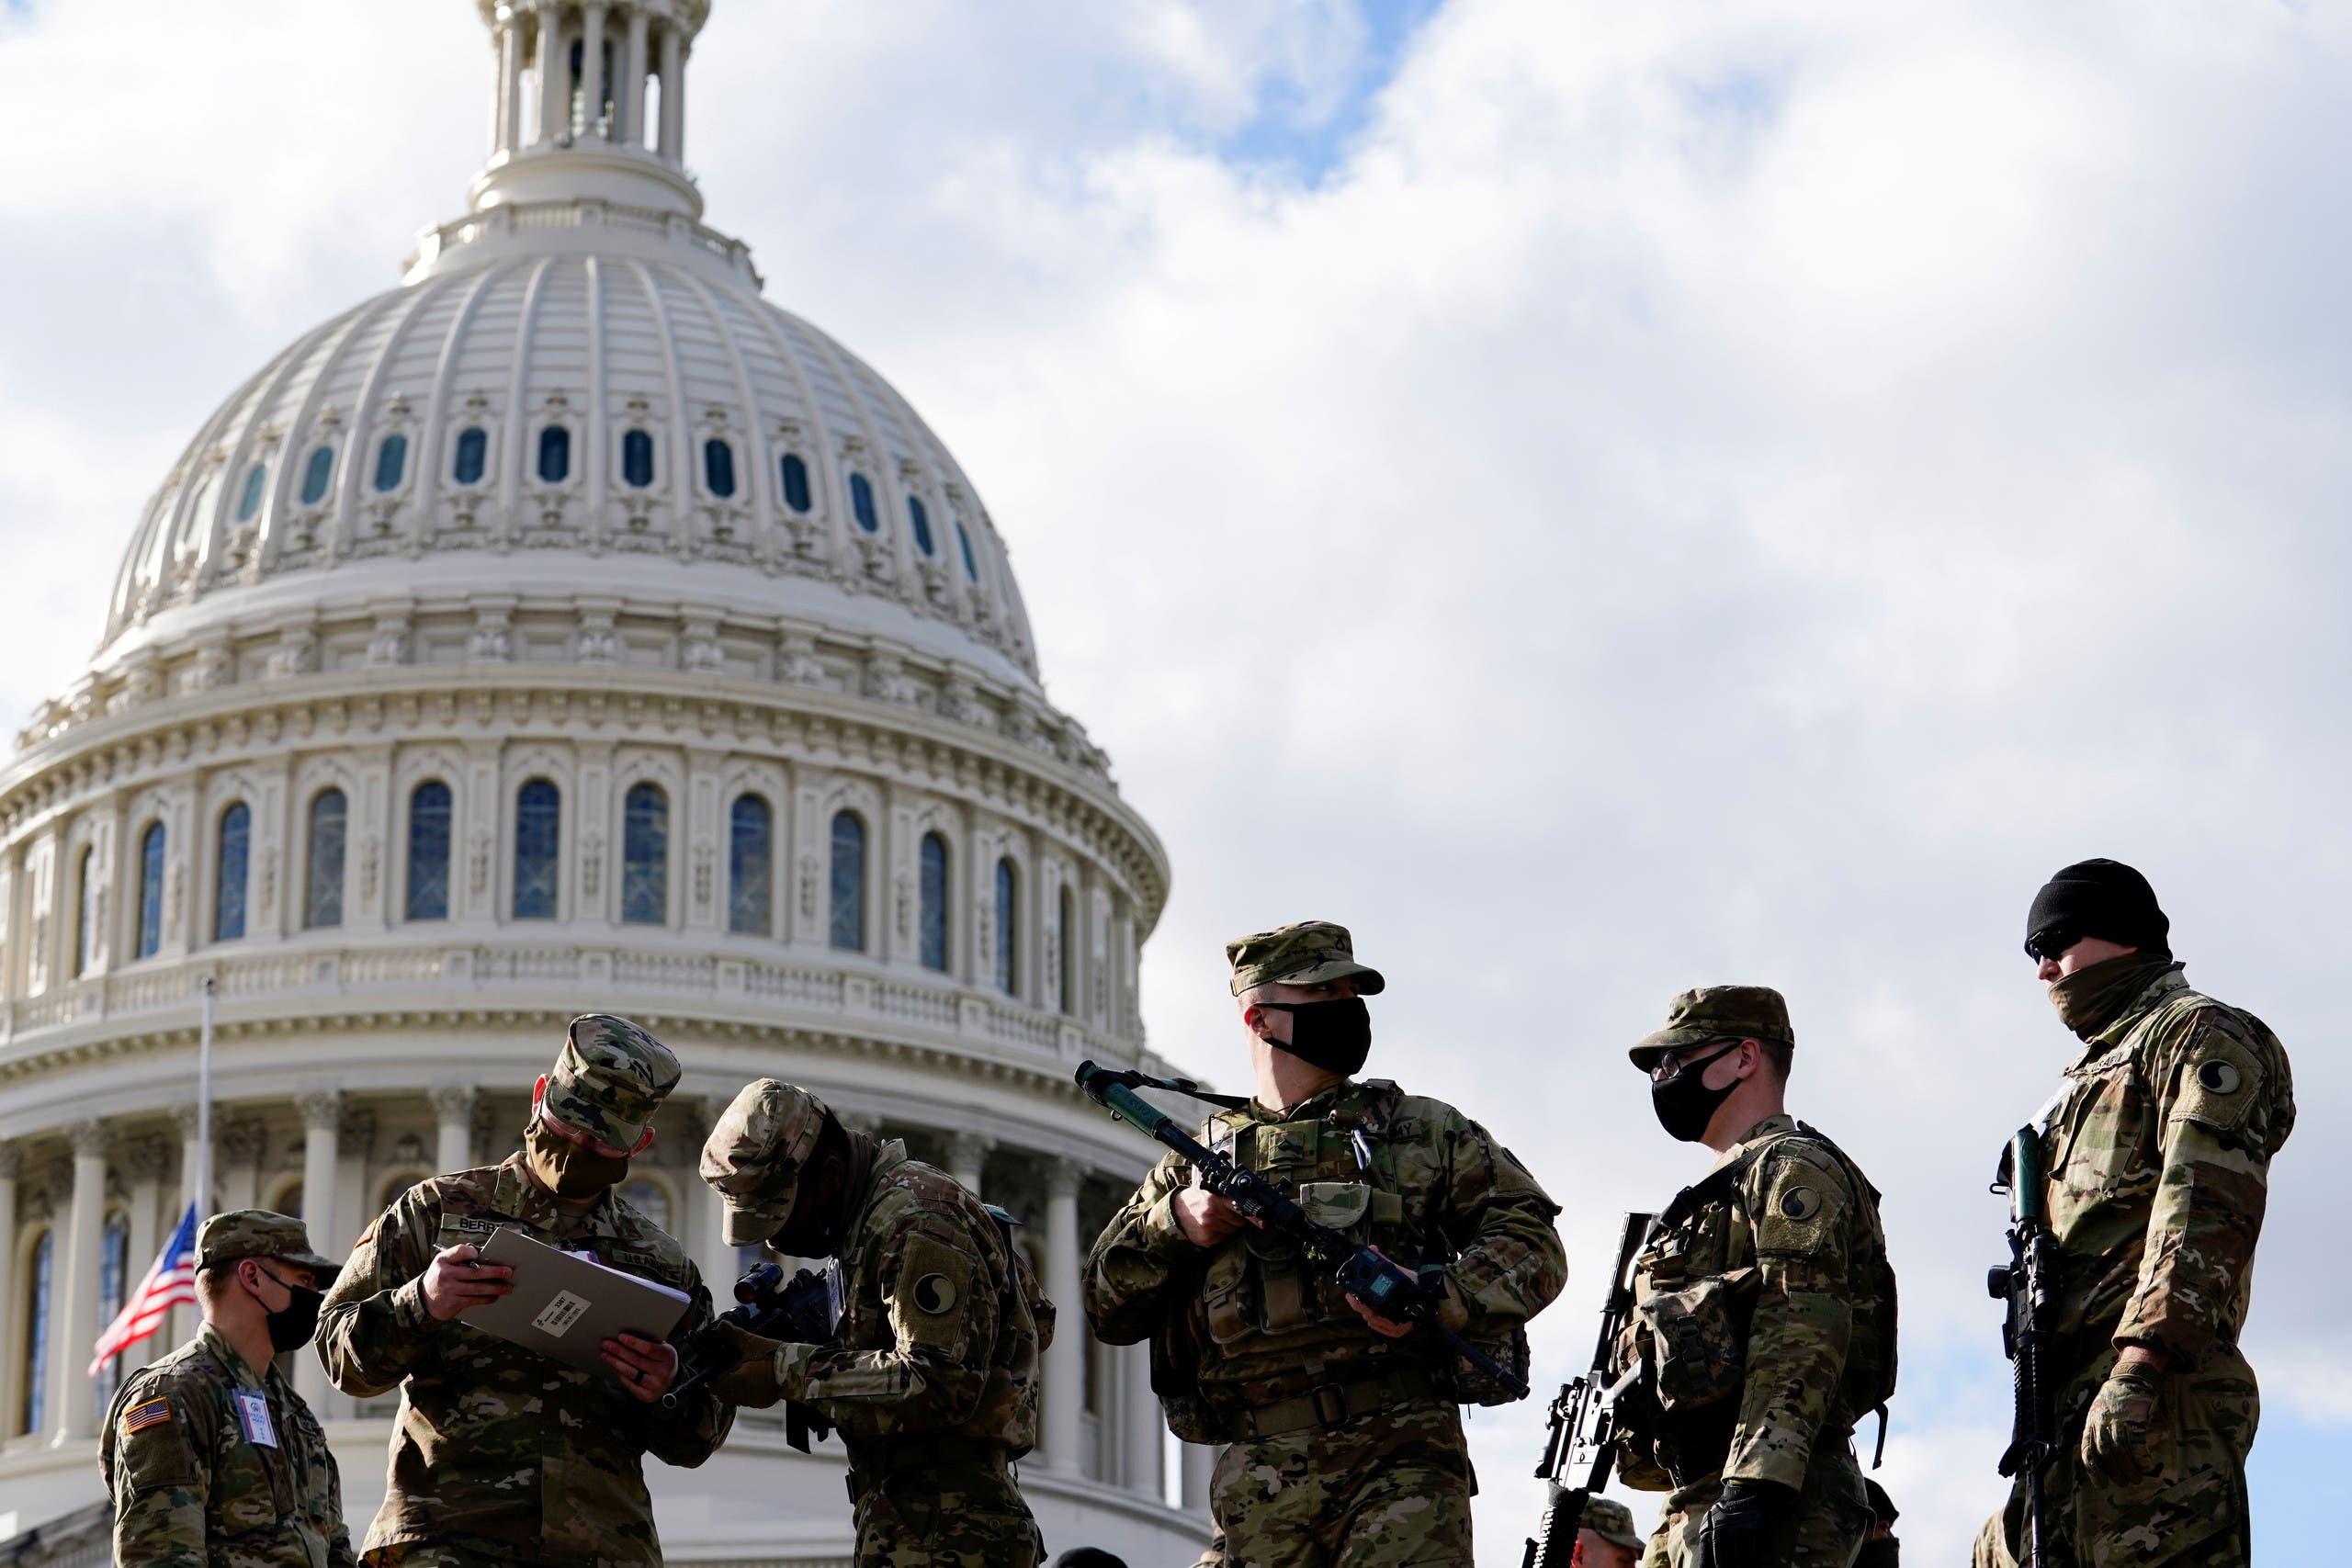 الحرس الوطني في واشنطن يستعد ليوم تنصيب بايدن (أرشيفية رويترز )